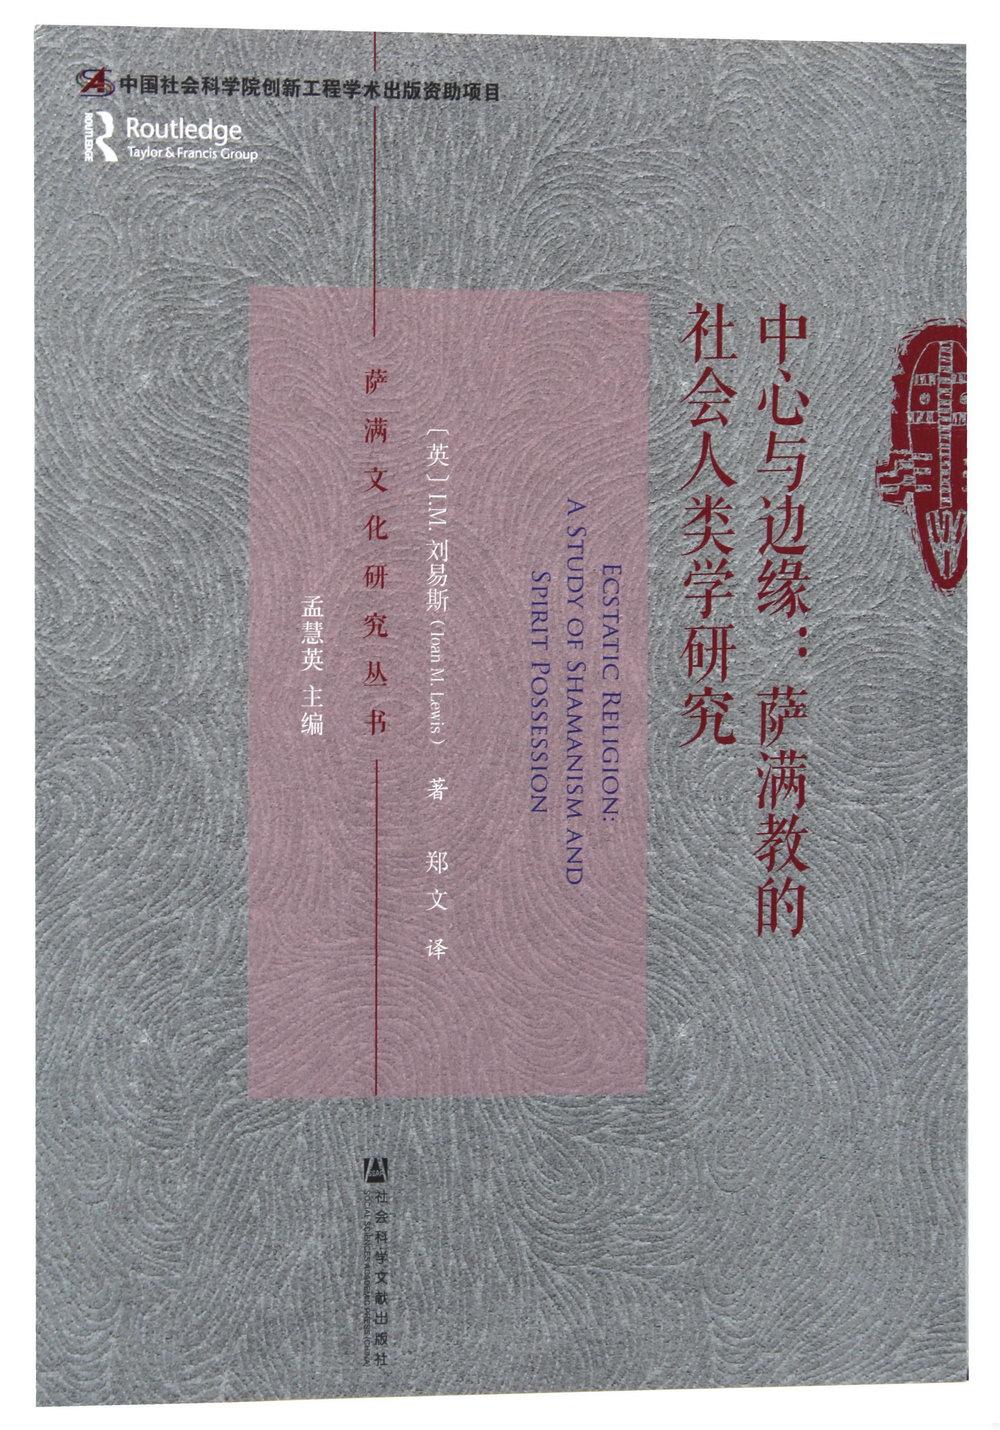 中心與邊緣:薩滿教的社會人類學研究